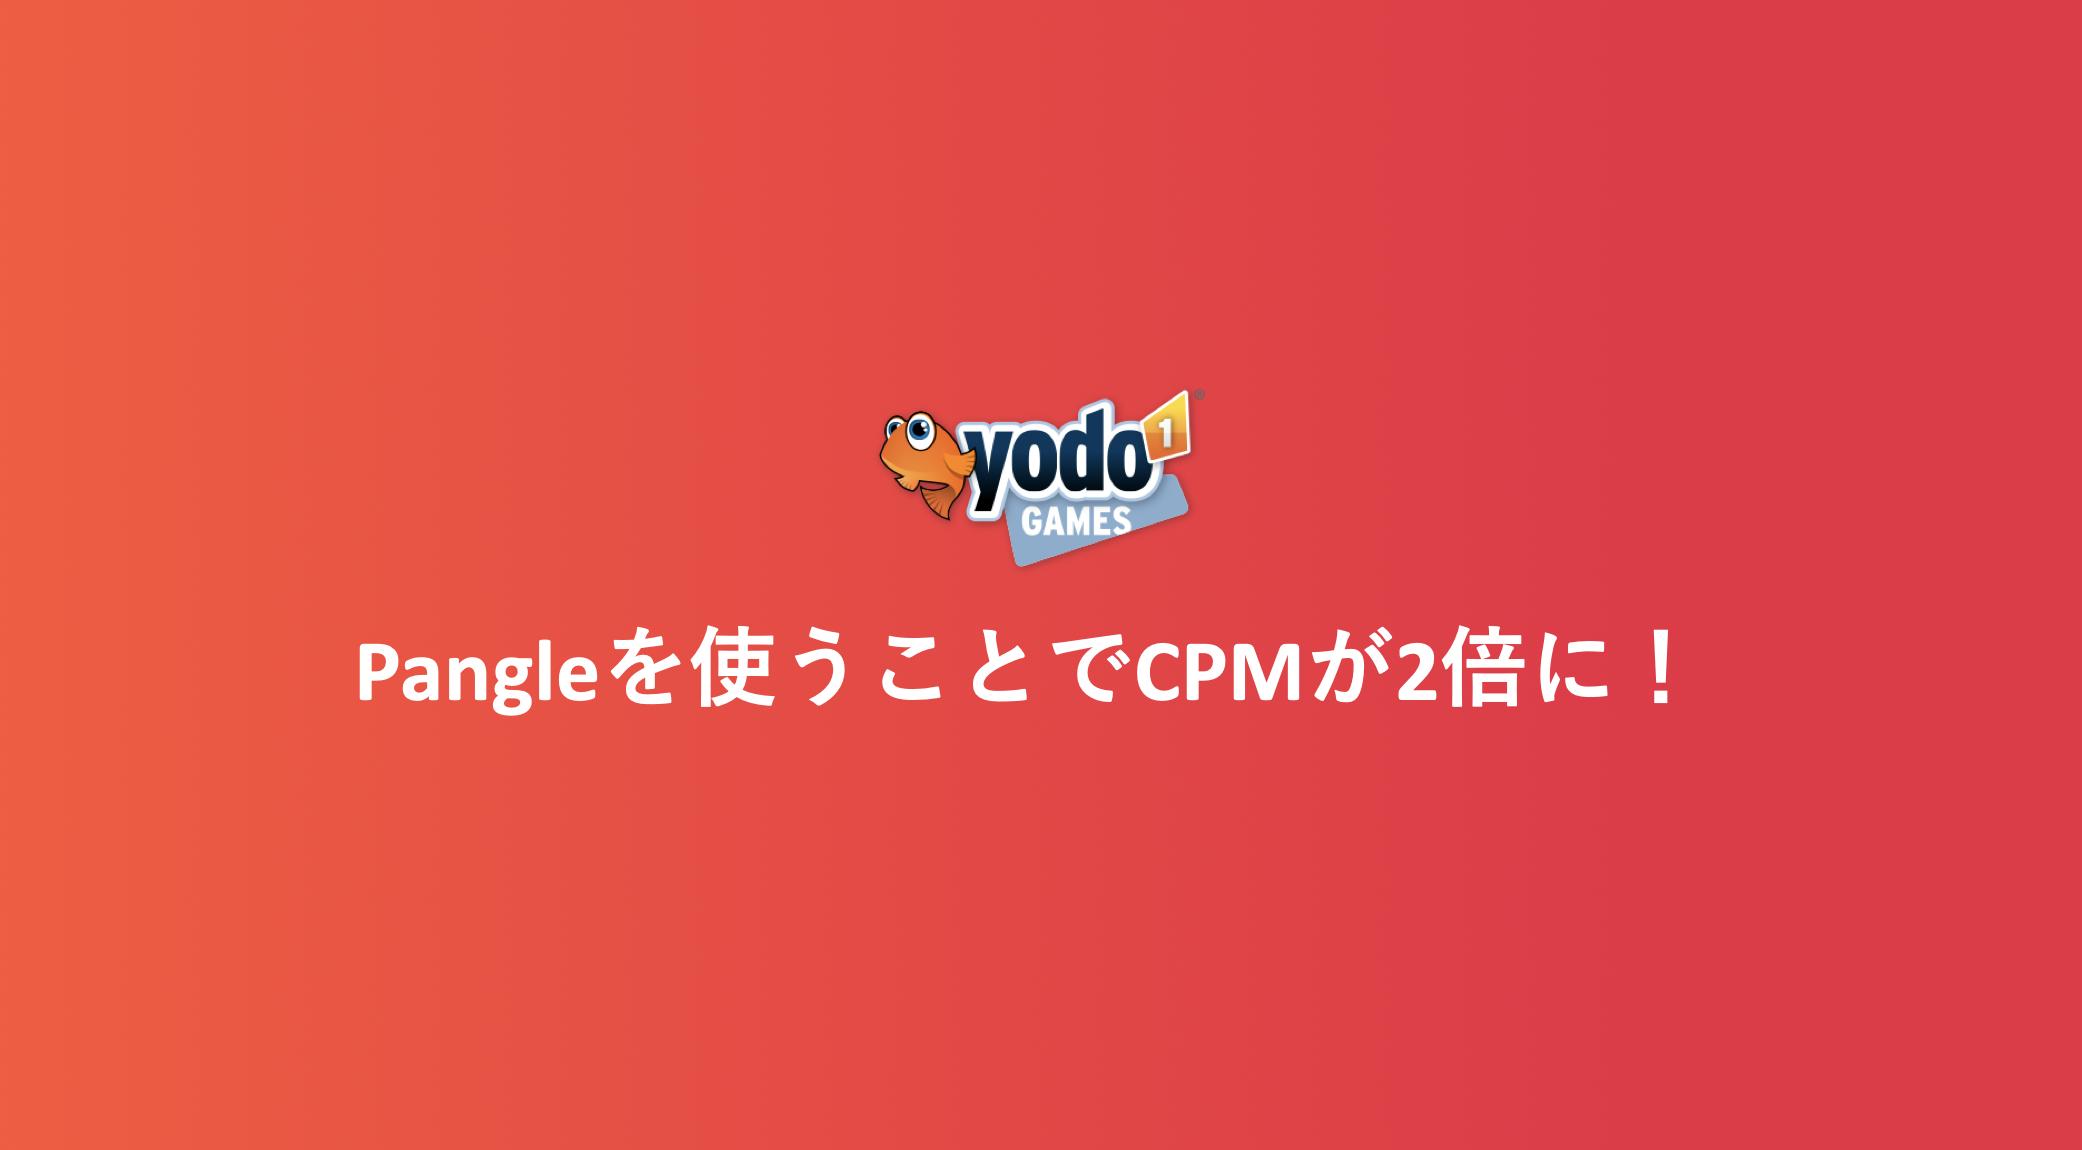 グローバルゲームパブリッシャーがPangleを活用、CPMが2倍に!